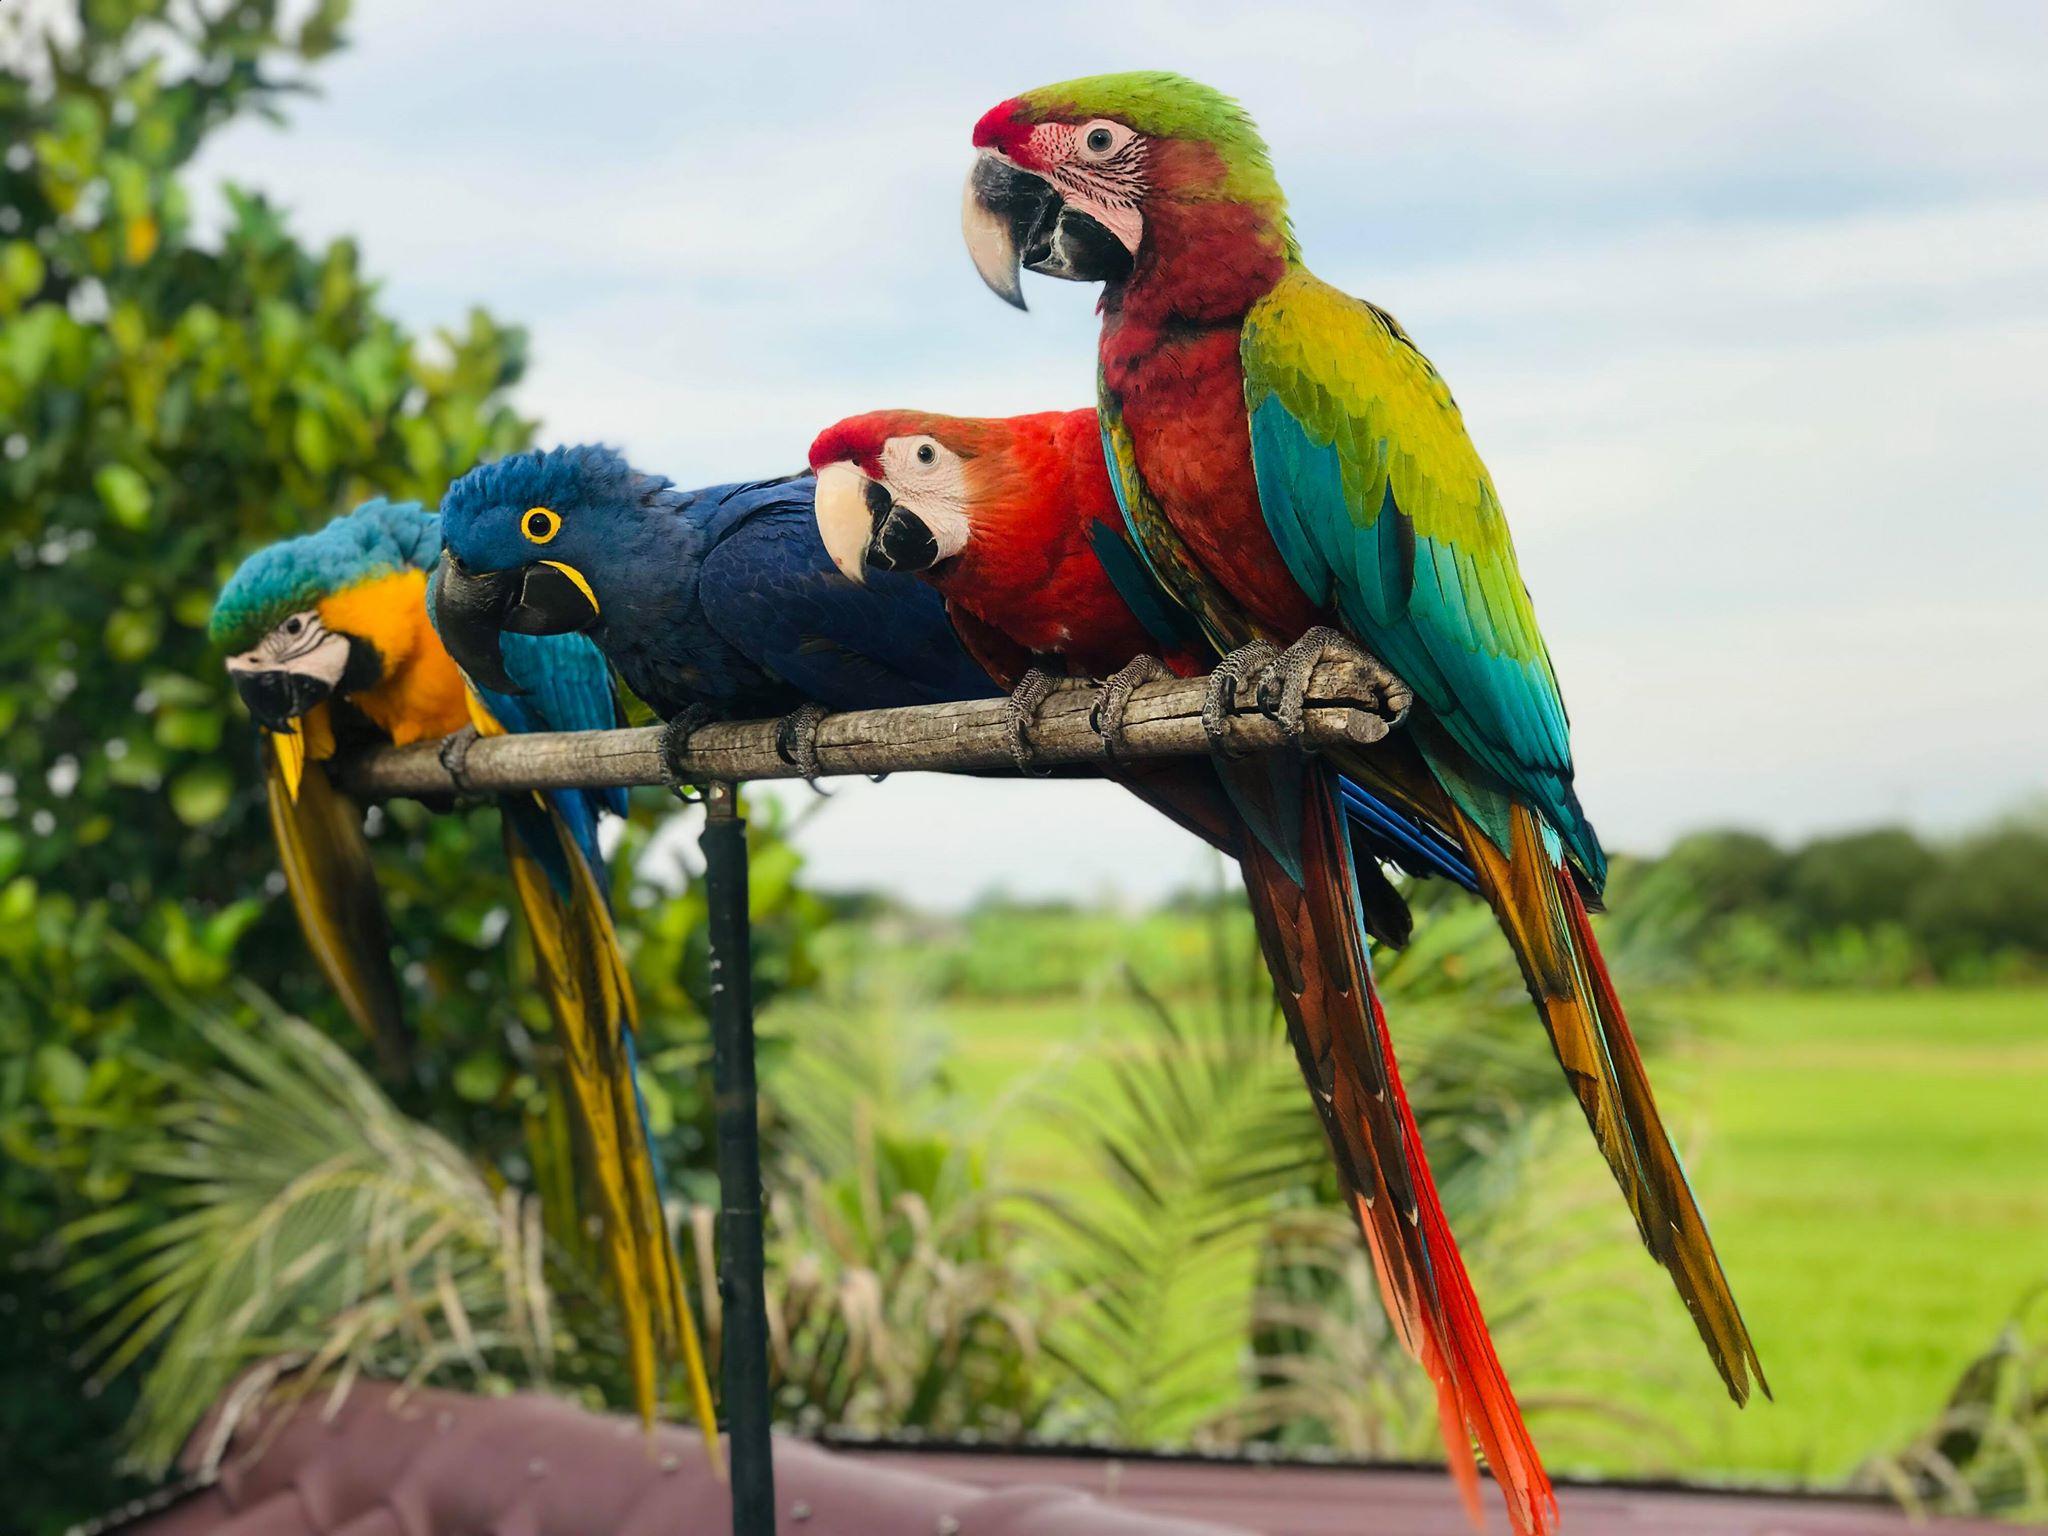 ประโยชน์ของการเลี้ยงนก ช่วยสร้างความเพลิดเพลินภายในบ้าน